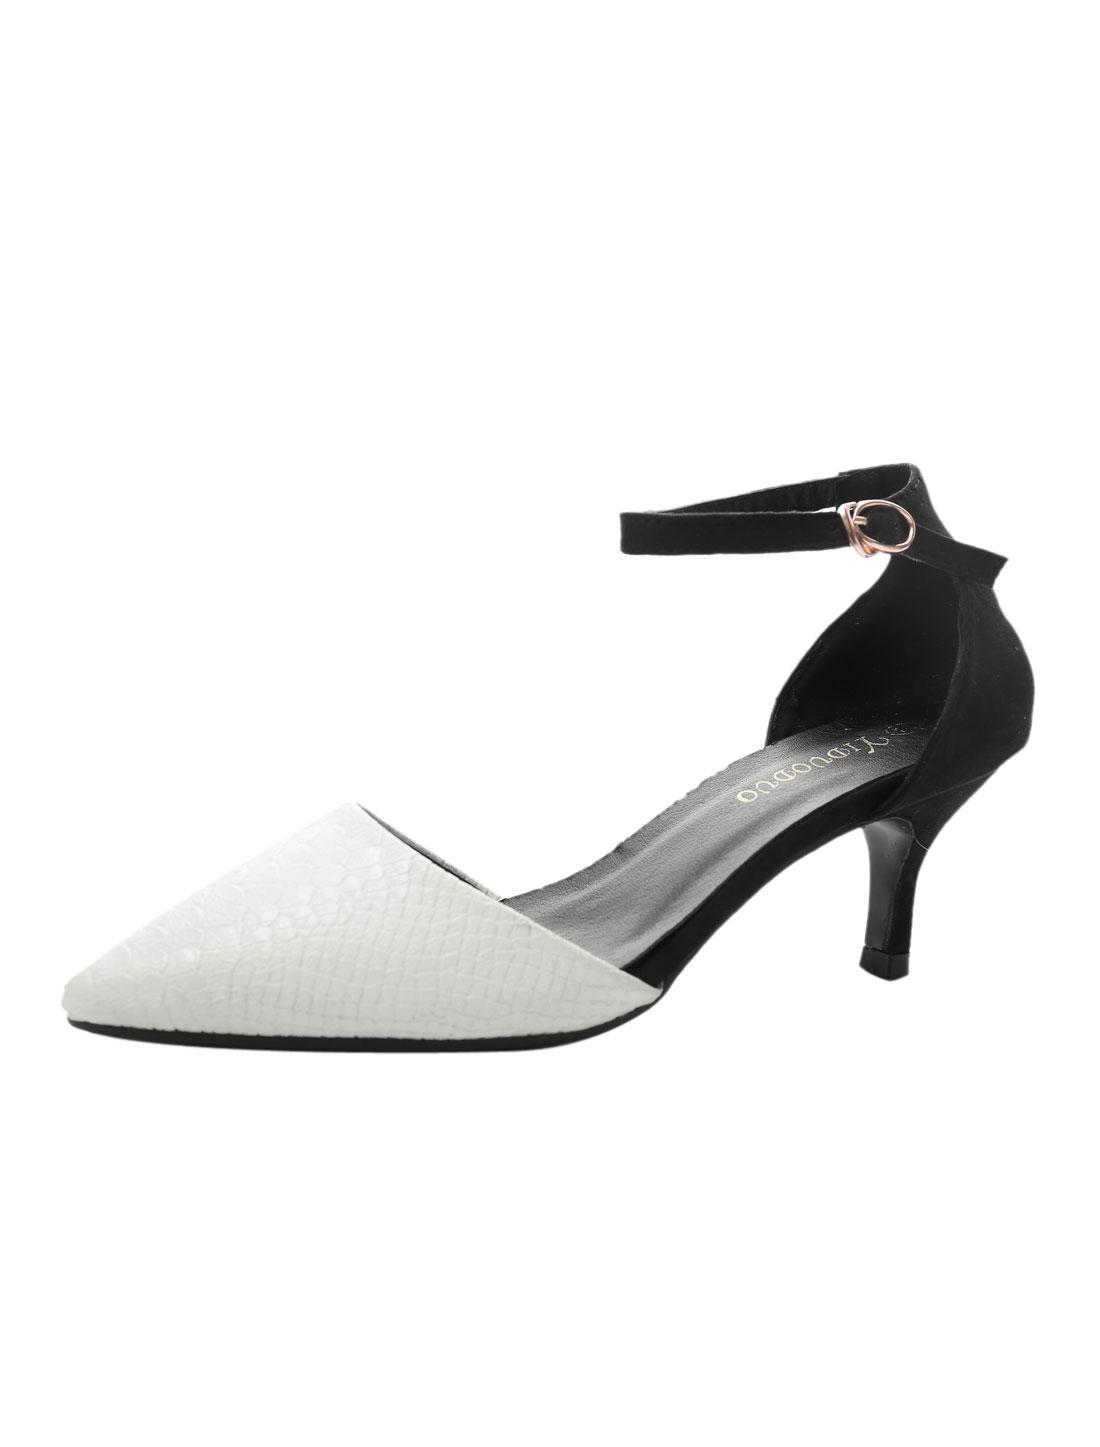 Women Pointed Toe Snake Effect Faux Leather Kitten Heels White US 6.5